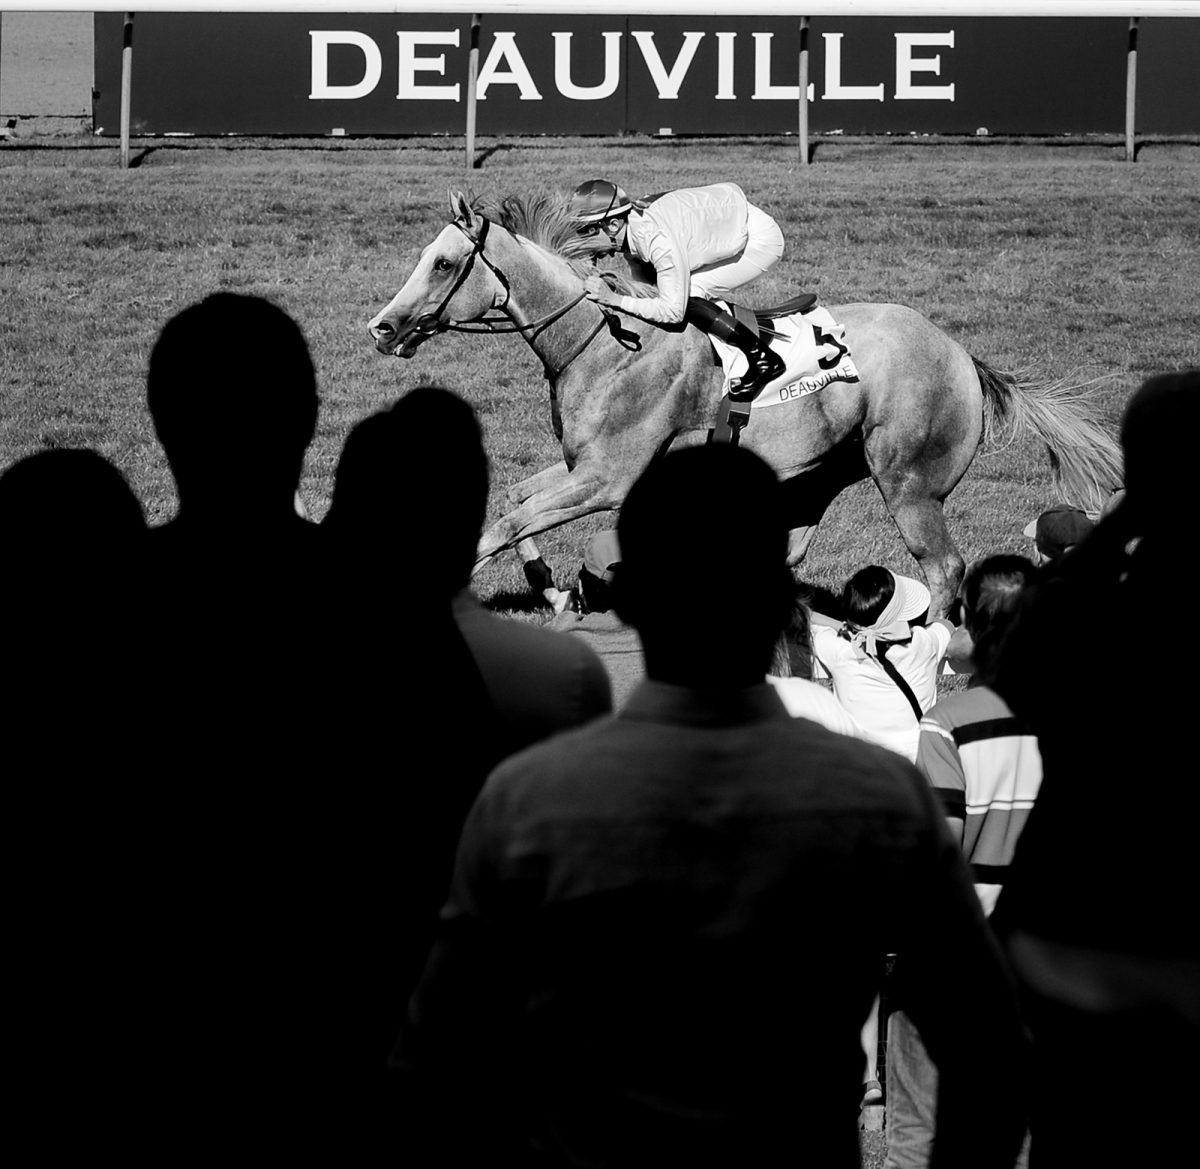 Hippodrome de Deauville - La Touques